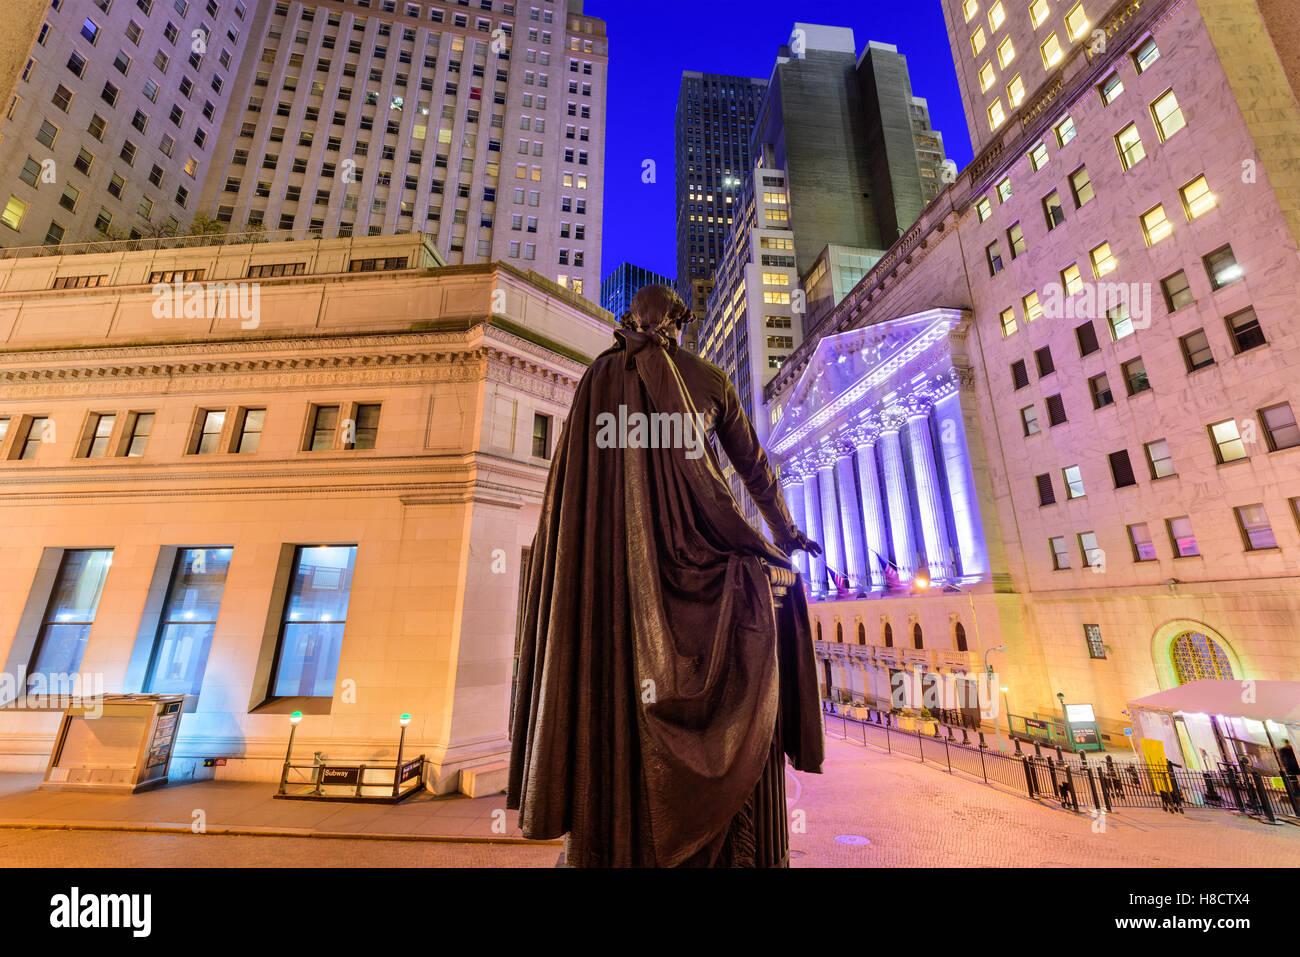 El paisaje urbano de la ciudad de Nueva York en Wall Street de Federal Hall. Imagen De Stock